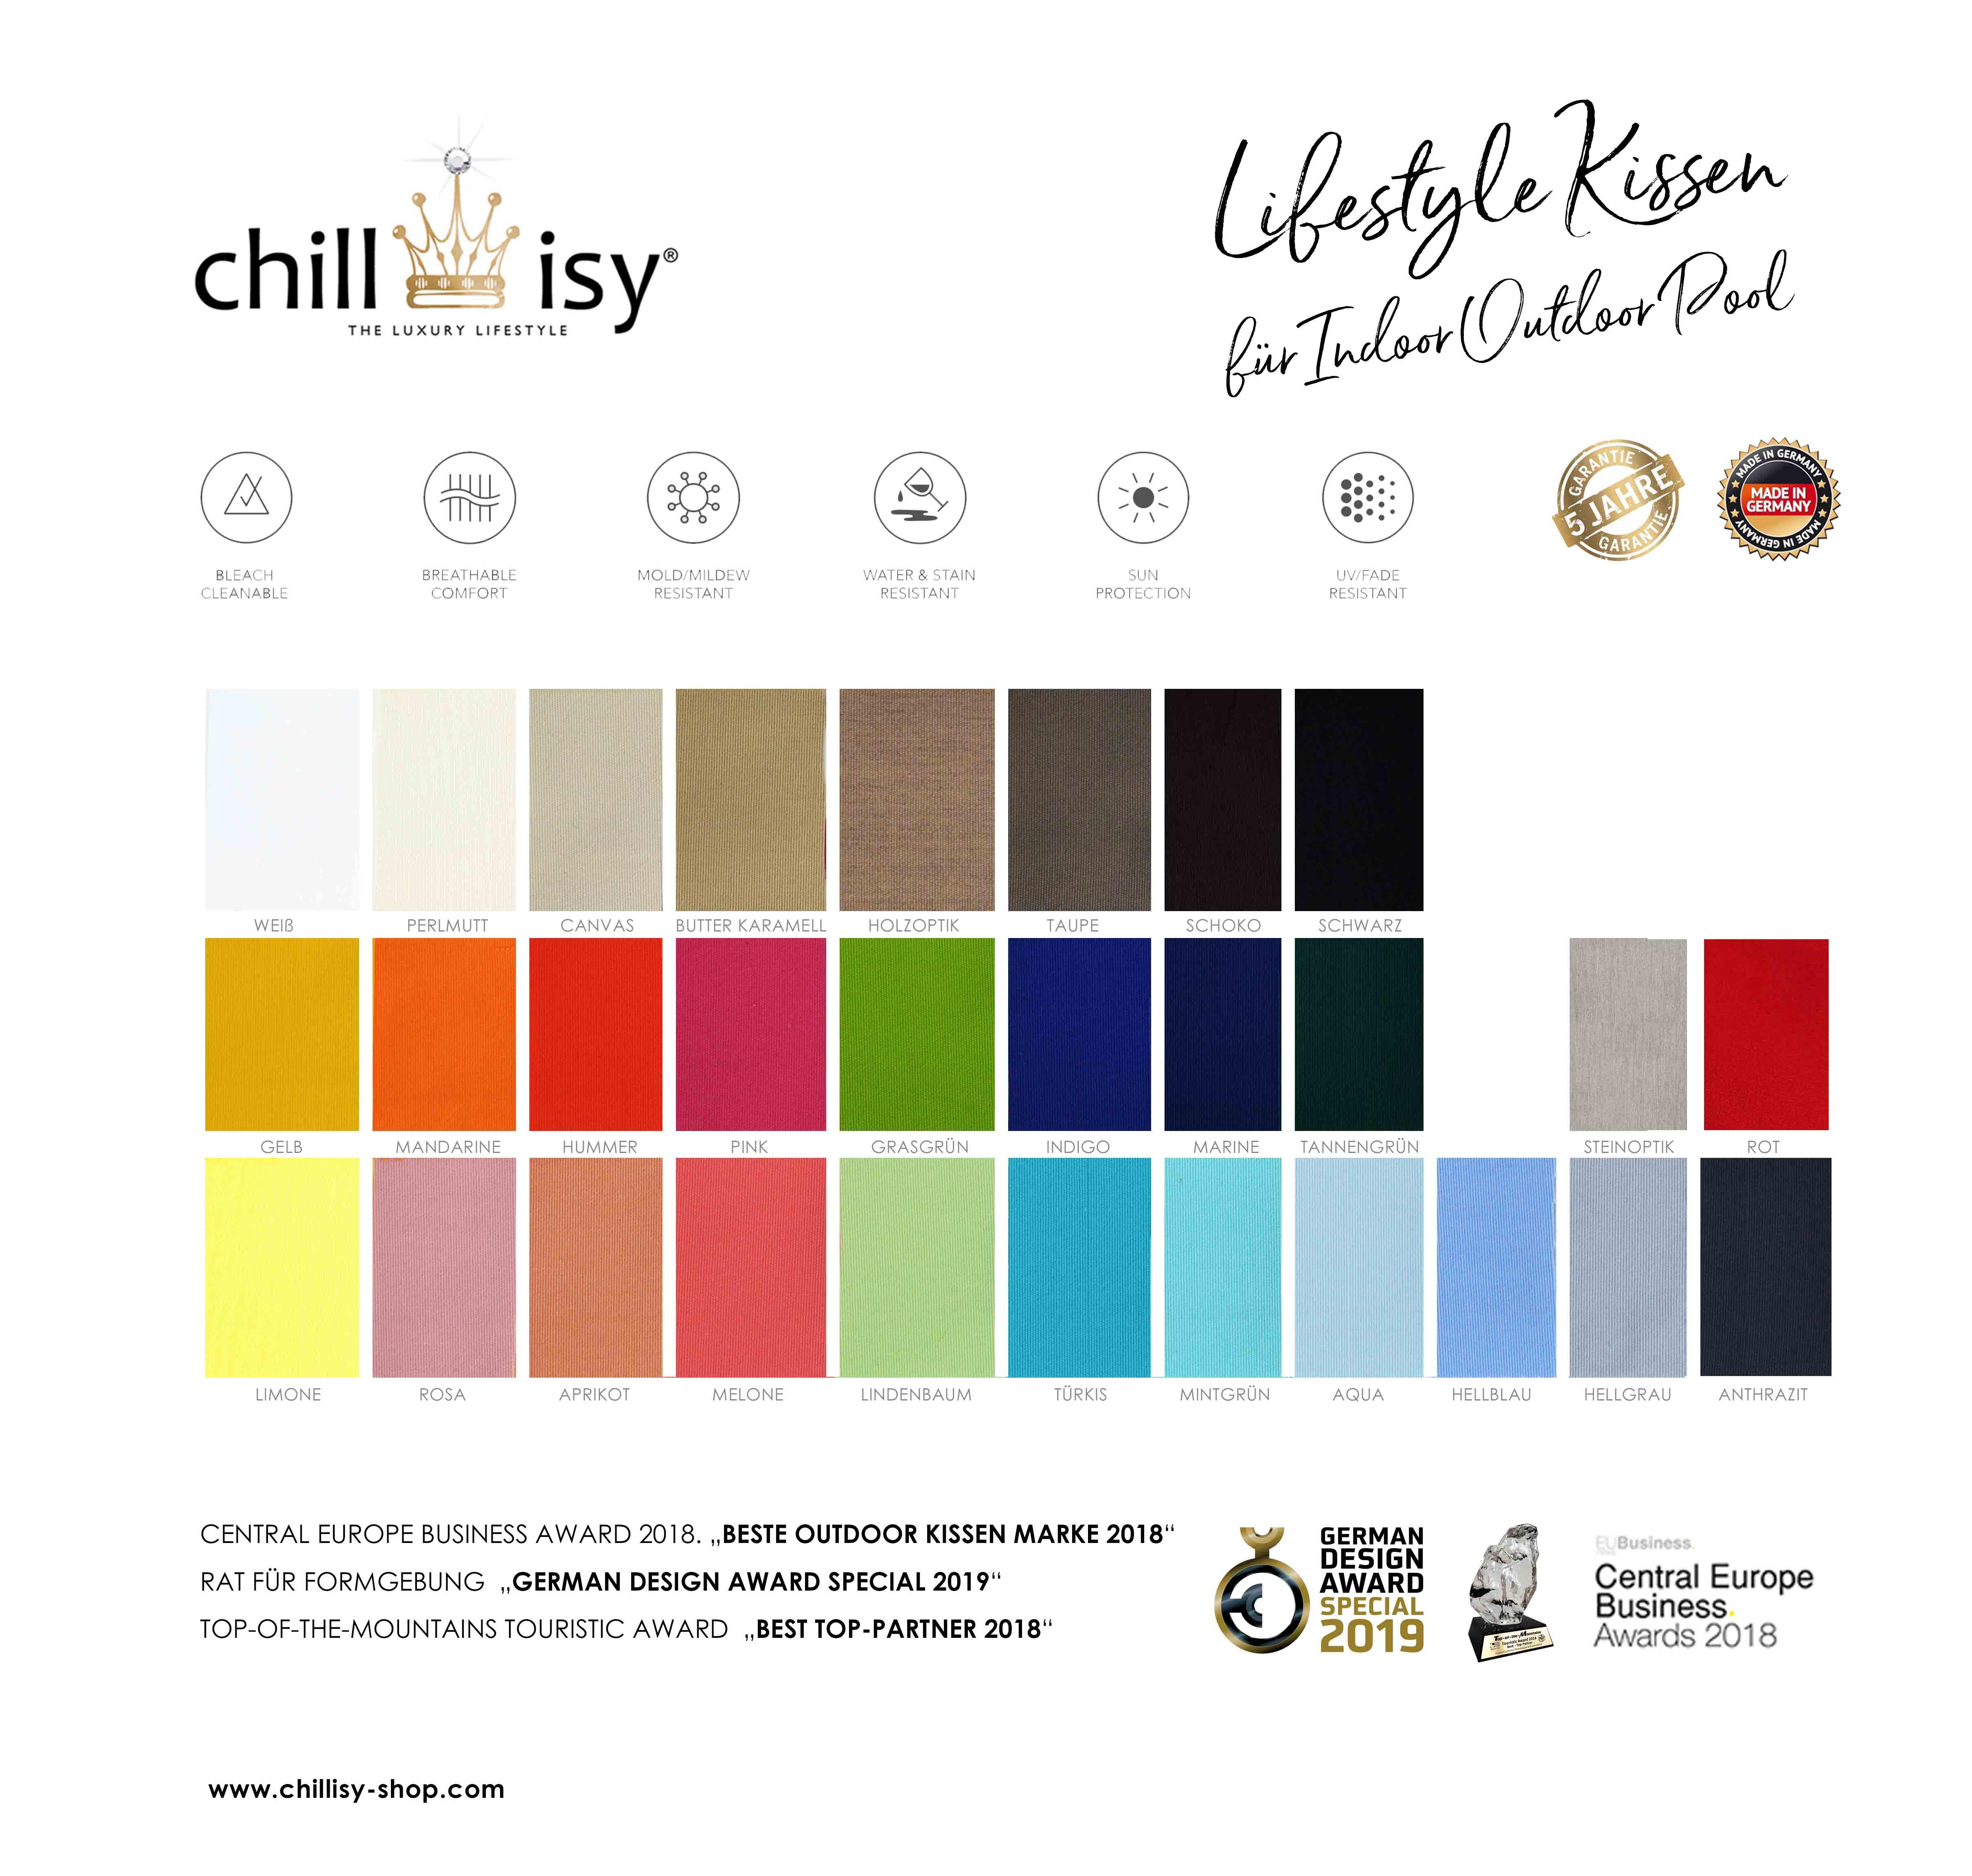 Pool Sitzsack Farben | Poolsack Shop Chillisy